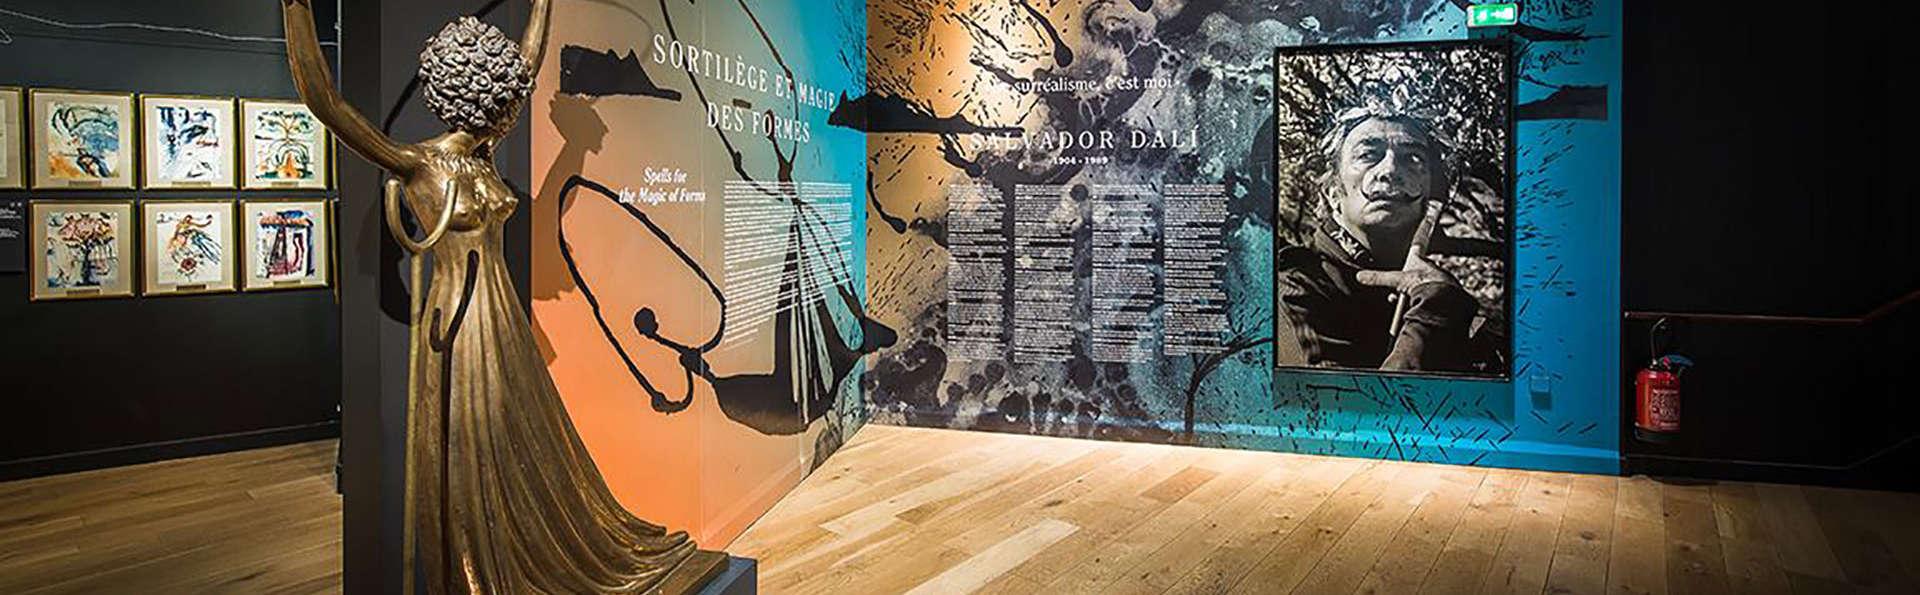 Séjour 4* au cœur de Paris avec visite de l'Espace Dali